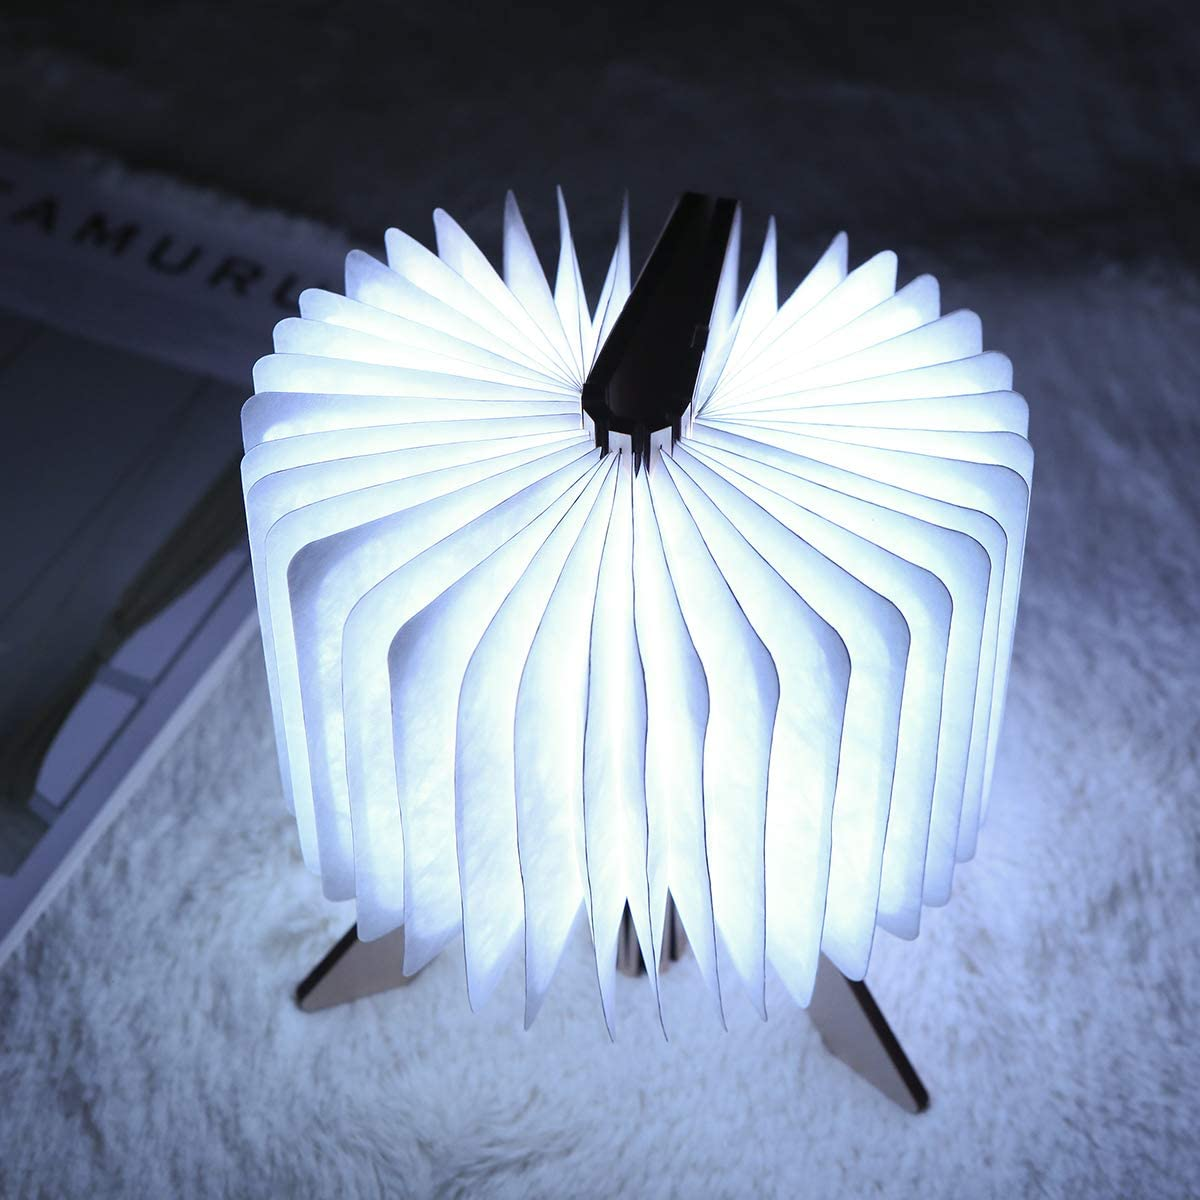 Tomshine LED L/ámpara de Libro,Luz Forma de Libro Plegable Recargable USB Book Lamp Clase de eficiencia energ/ética A+ Cambio de Color//Temporizador//Con Soporte Luz de Noche Magn/ética Decorar